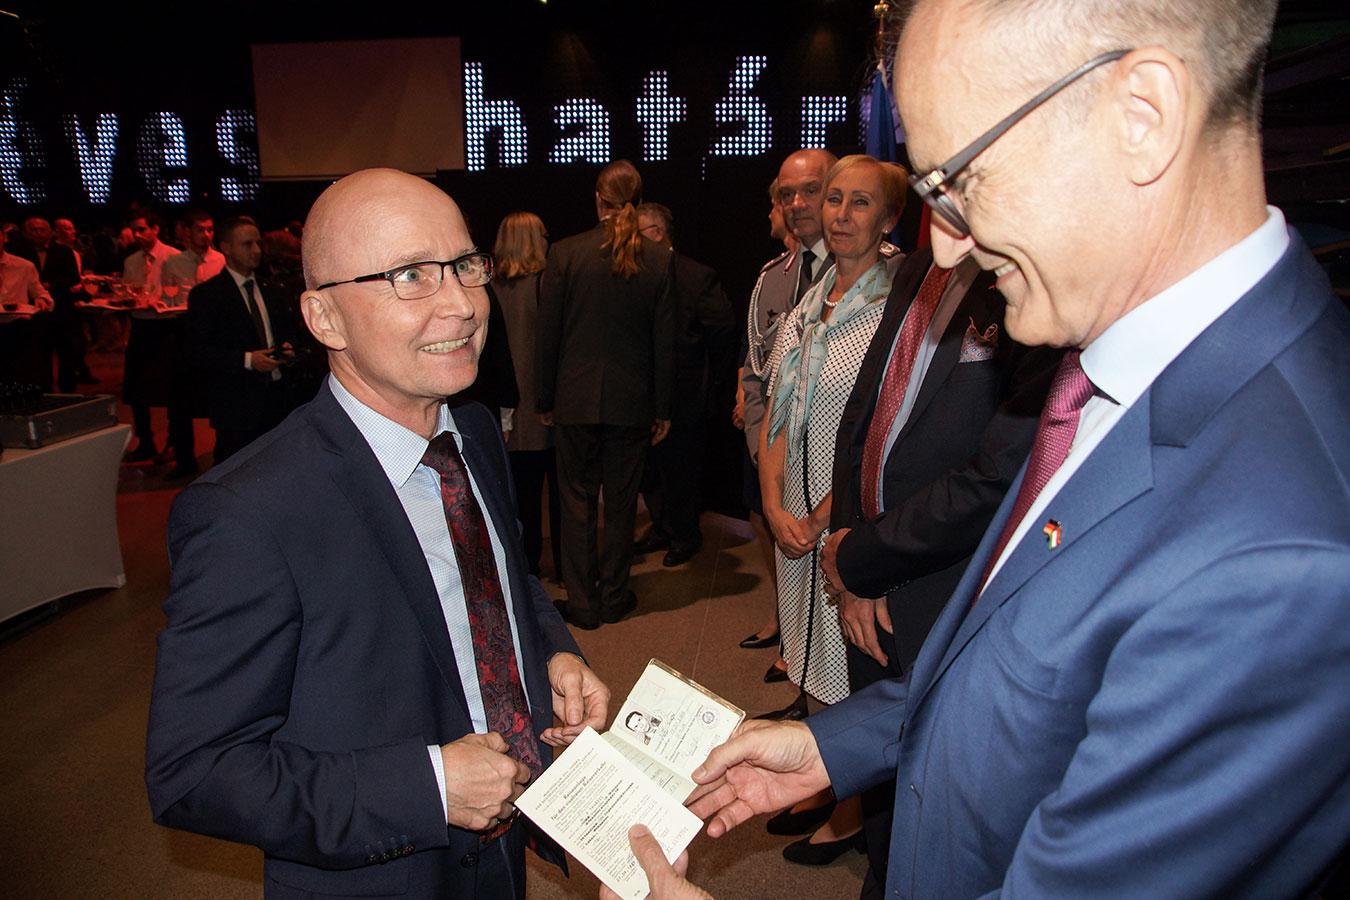 Őexc. Volkmar Wenzel német nagykövet egy egykori NDK-s menekülttel, aki magával hozta az akkori hivatalos igazolványát<br />(Fotó: Aigner Ivan)